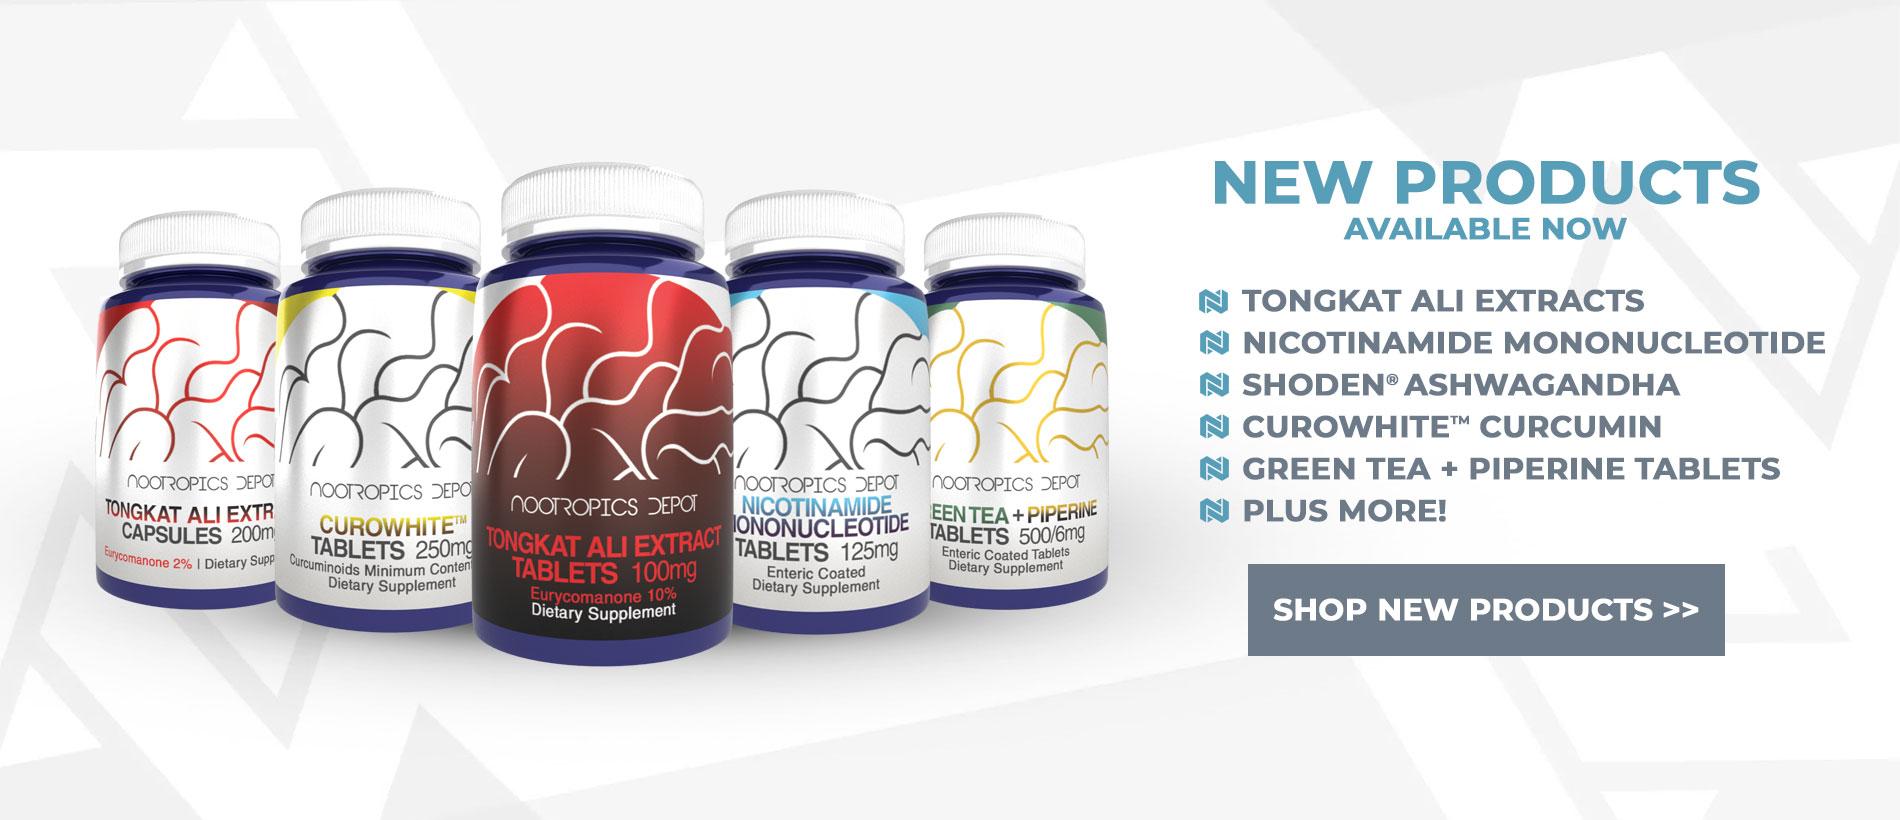 Nootropics Depot New Products